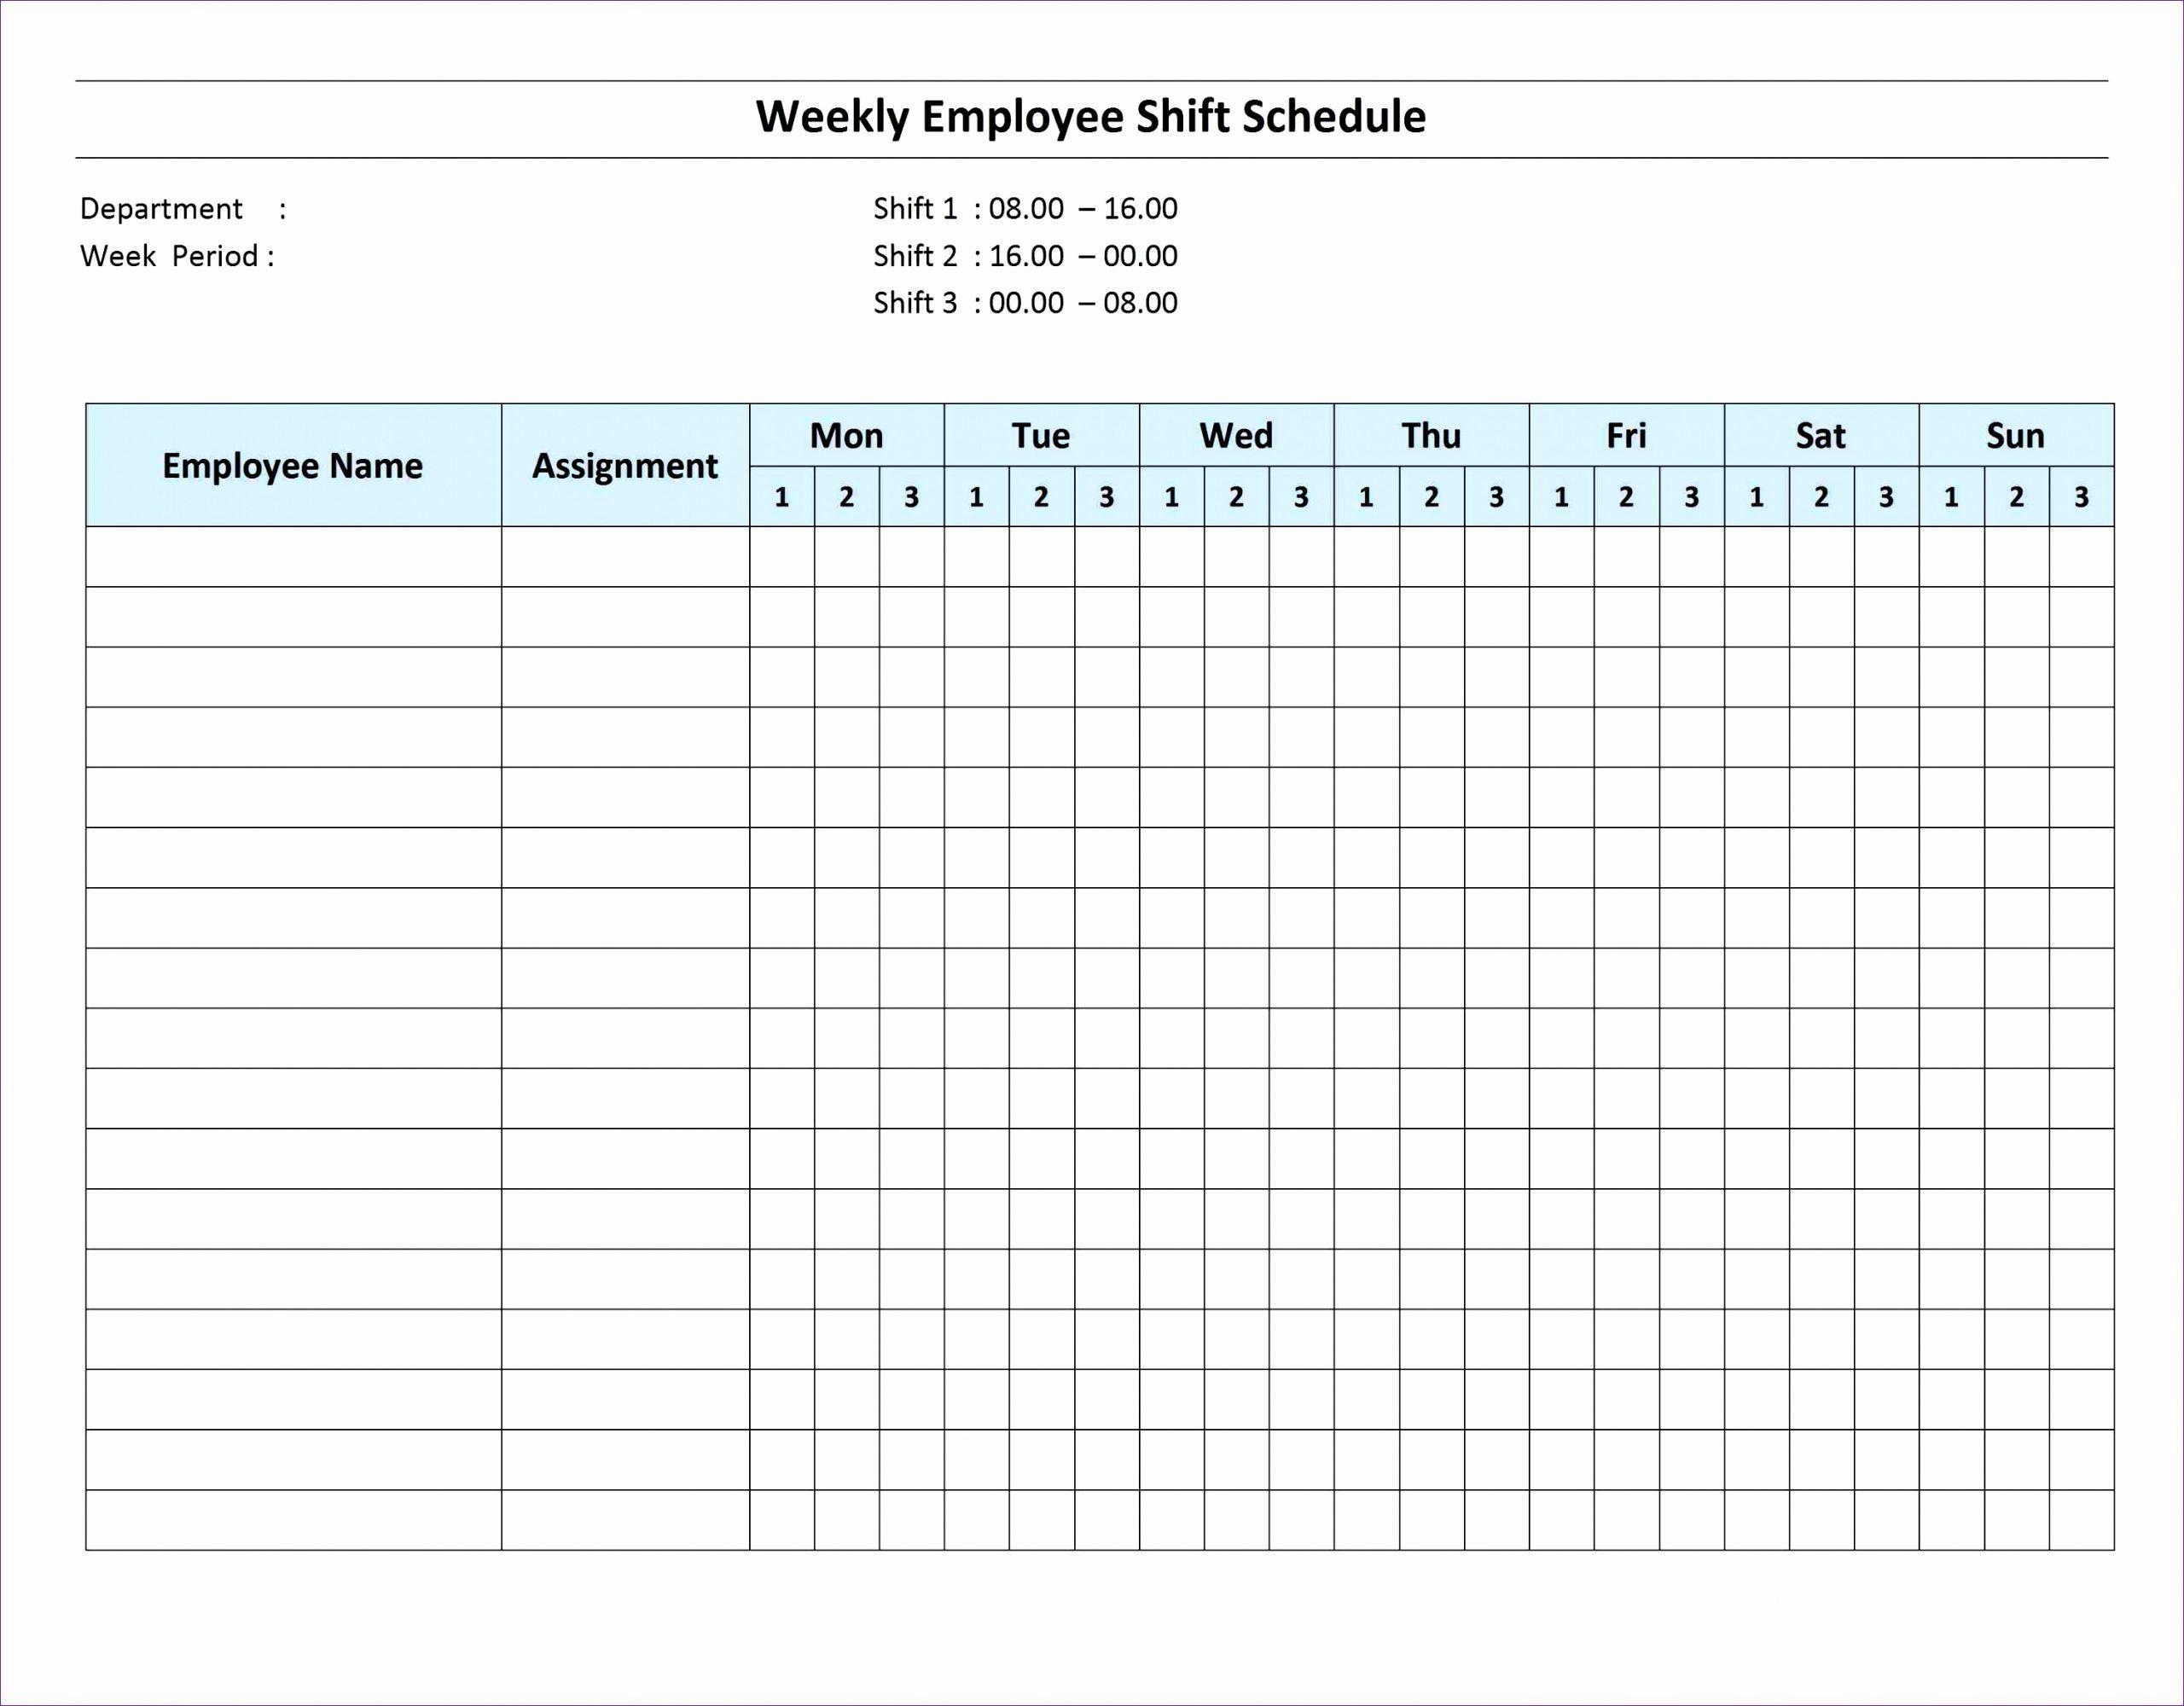 Schedule C Excel Template New 6 Break Even Point Excel Template Exceltemplates In 2020 Daily Schedule Template Monthly Schedule Template Schedule Templates